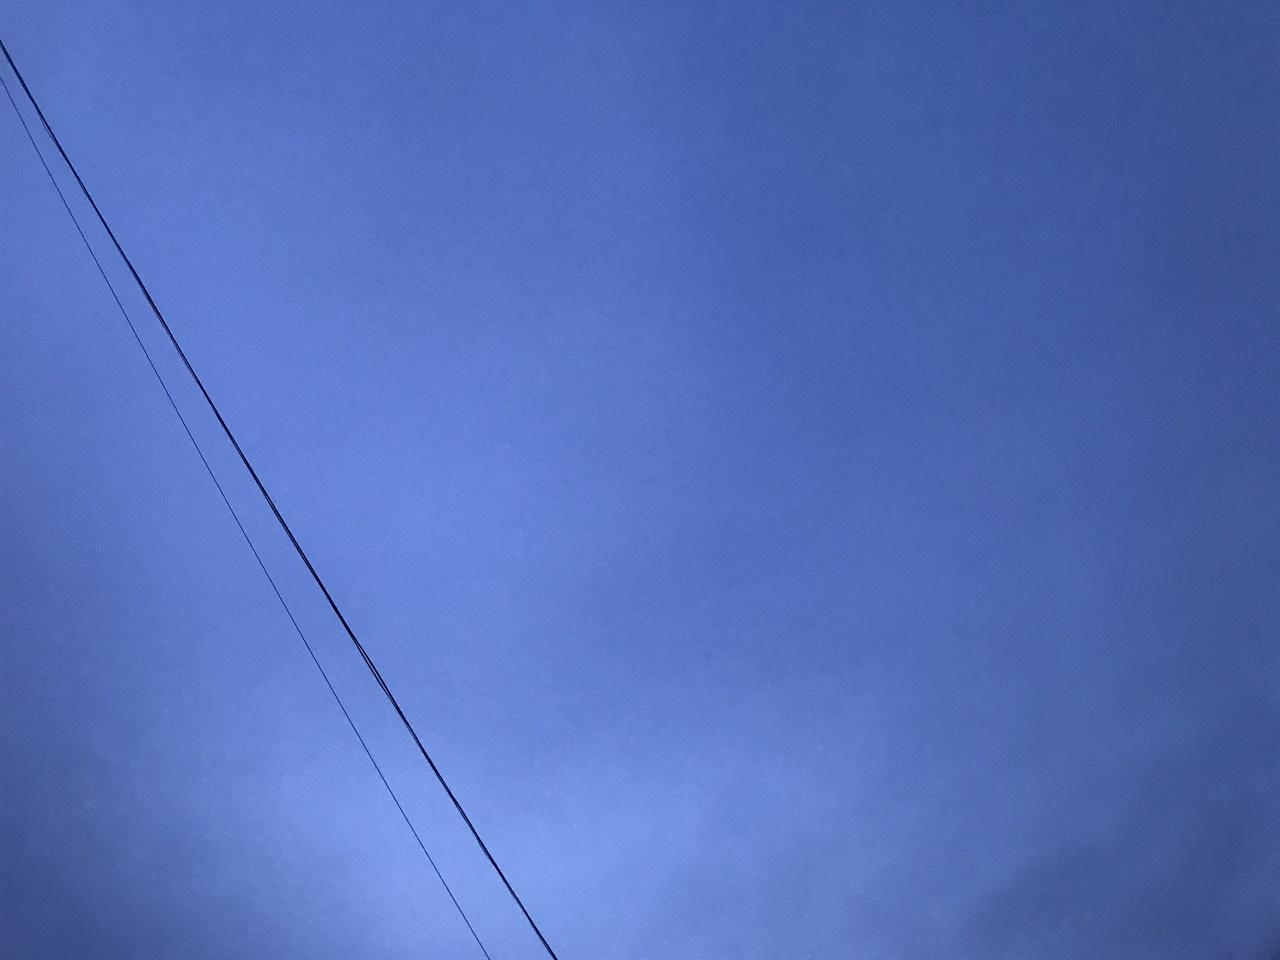 아침이 밝아오는 새벽의 하늘은 이렇게 푸르다.